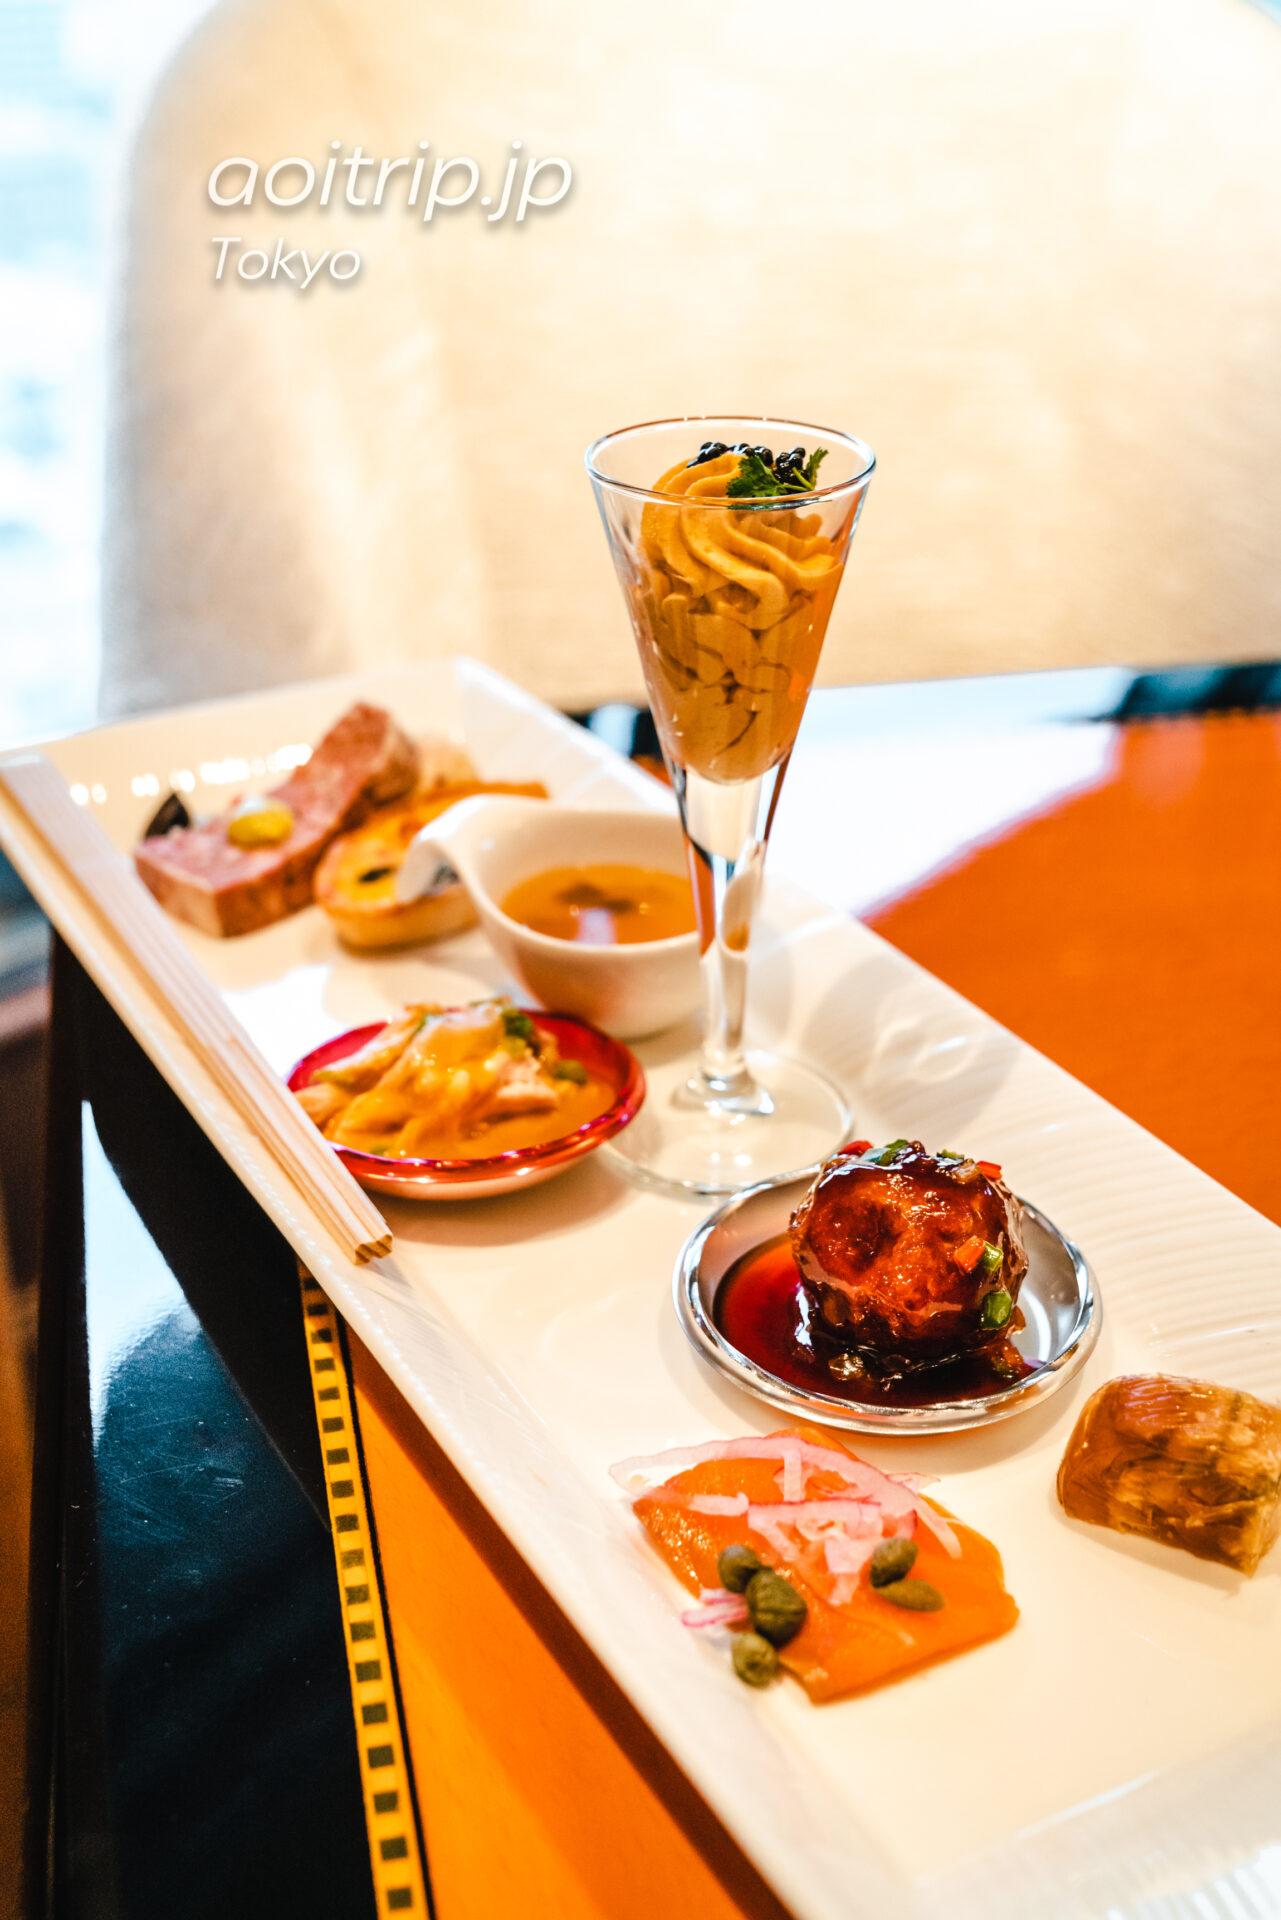 ウェスティン東京のクラブラウンジ カクテルタイムのオードブル料理